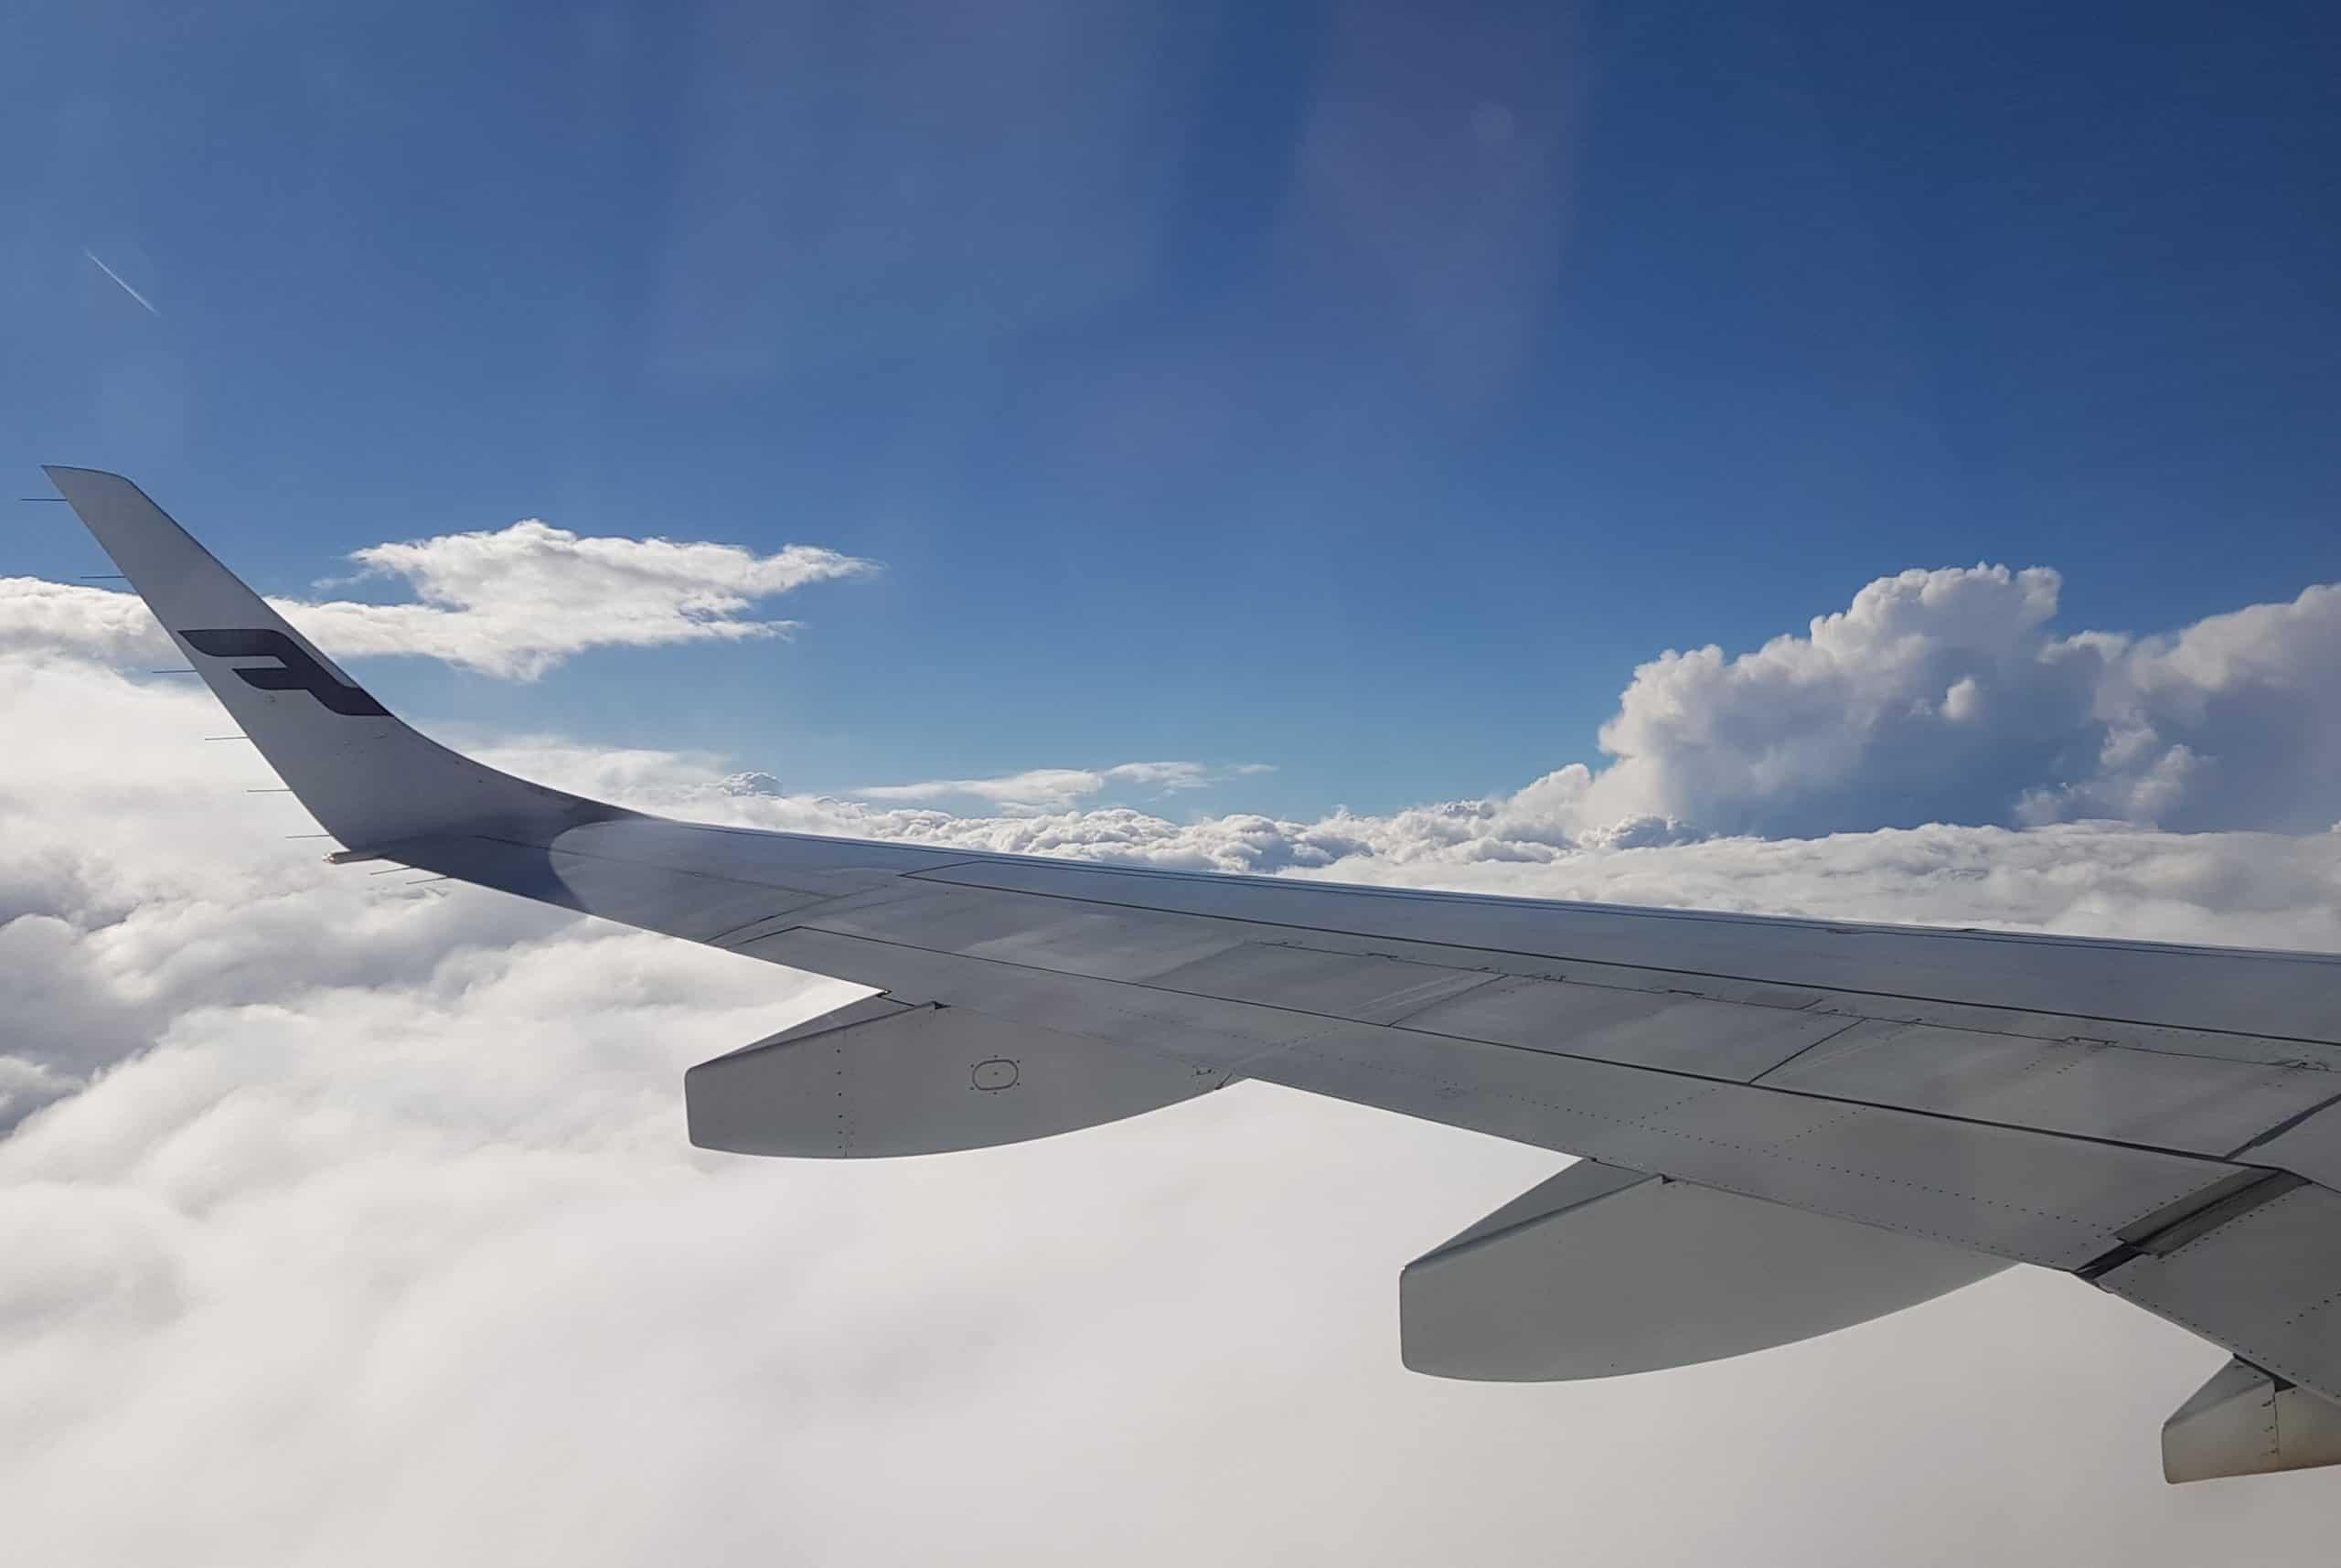 Reiseroute planen: 3 Wege, wie du einfach eine individuelle Reiseroute findest